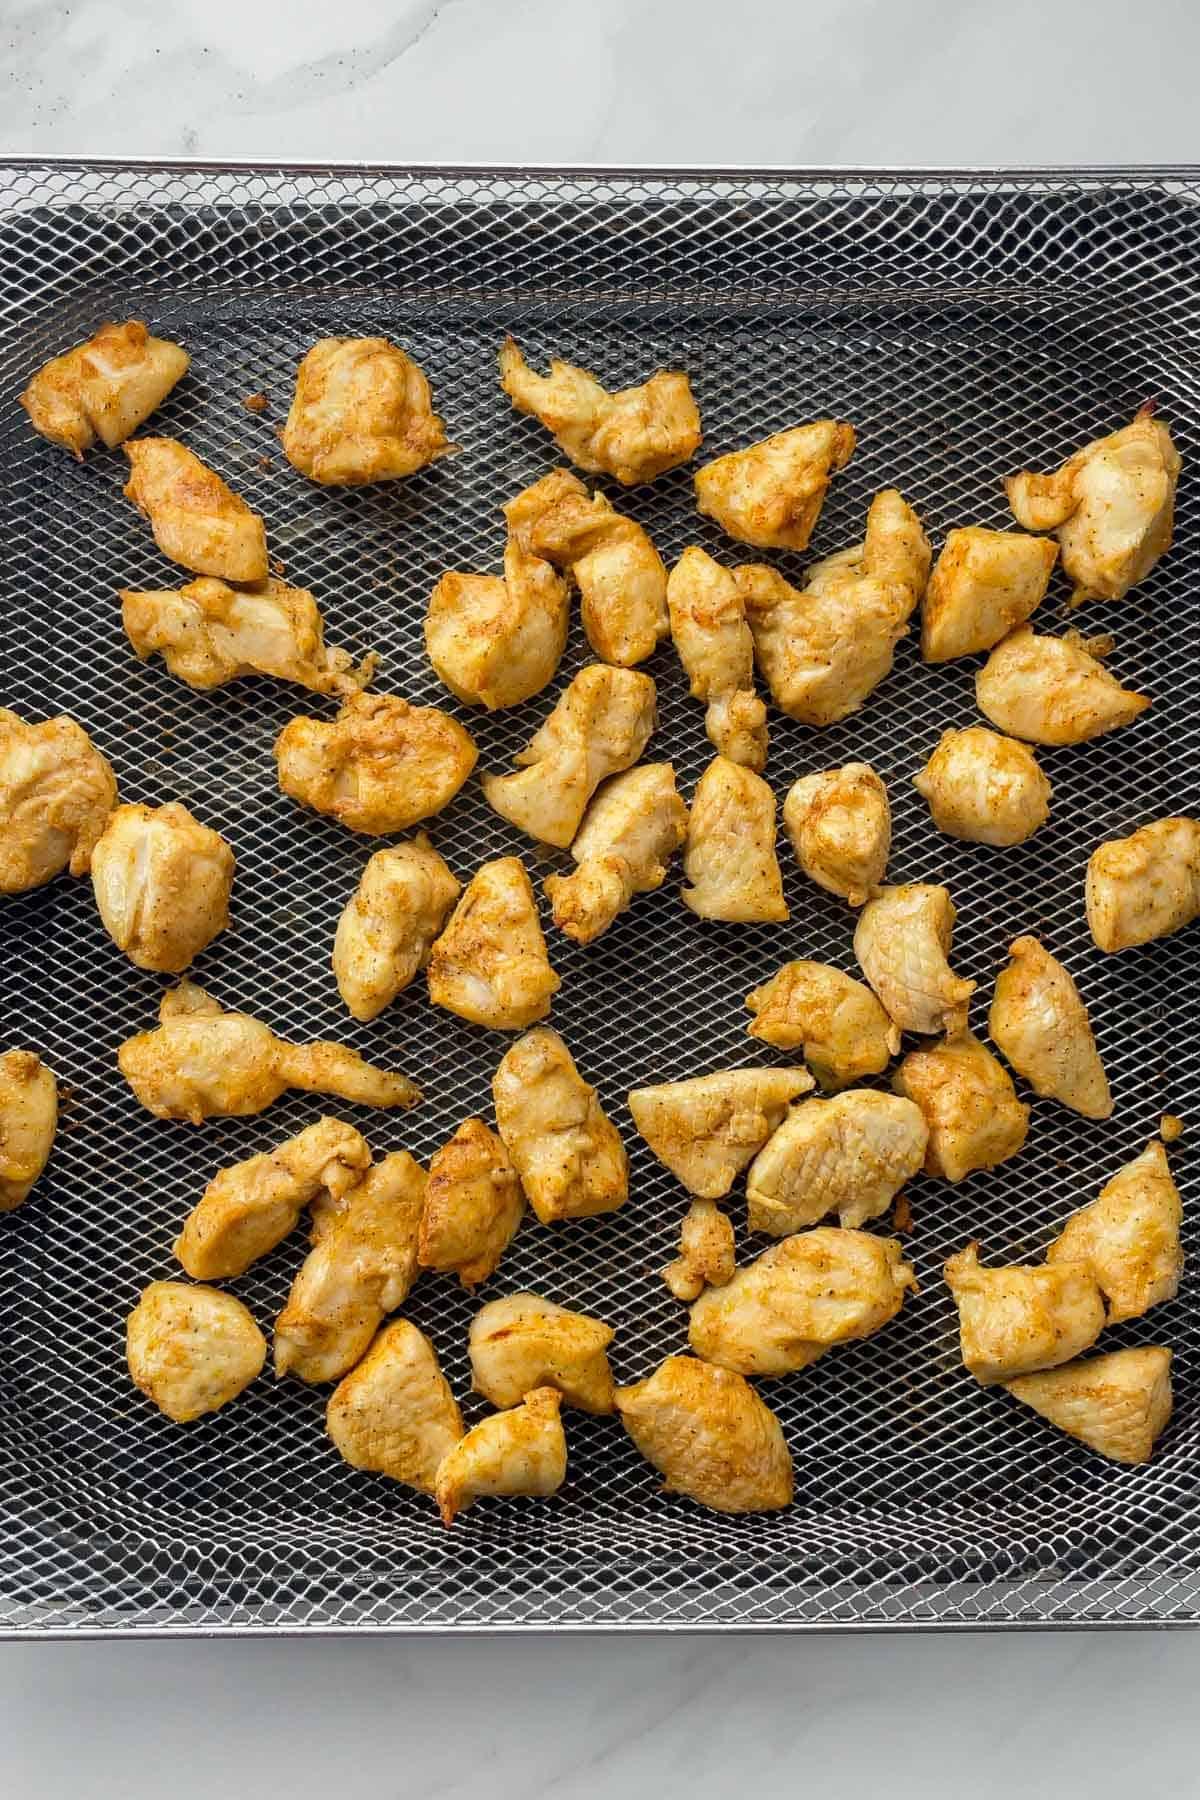 cooked rotisserie chicken bites in air fryer basket